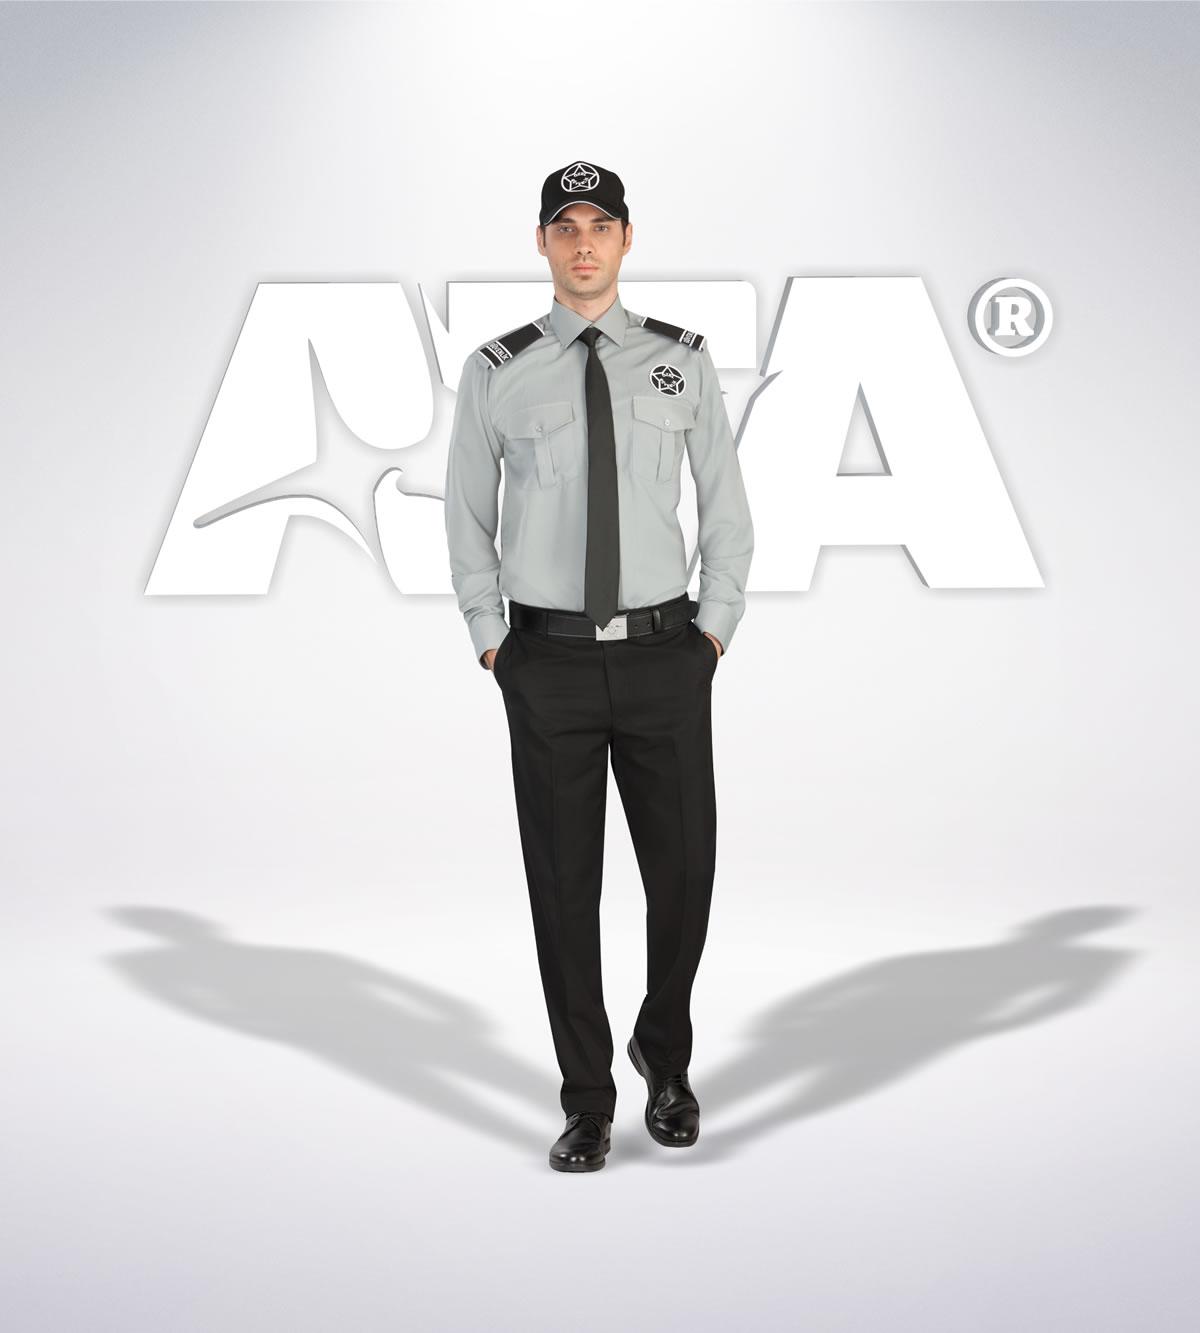 ATA 143 - Pantolon kışlık - gömlek yazlık-kışlık - aksesuar - güvenlik elbiseleri | güvenlik üniformaları | güvenlik kıyafetleri